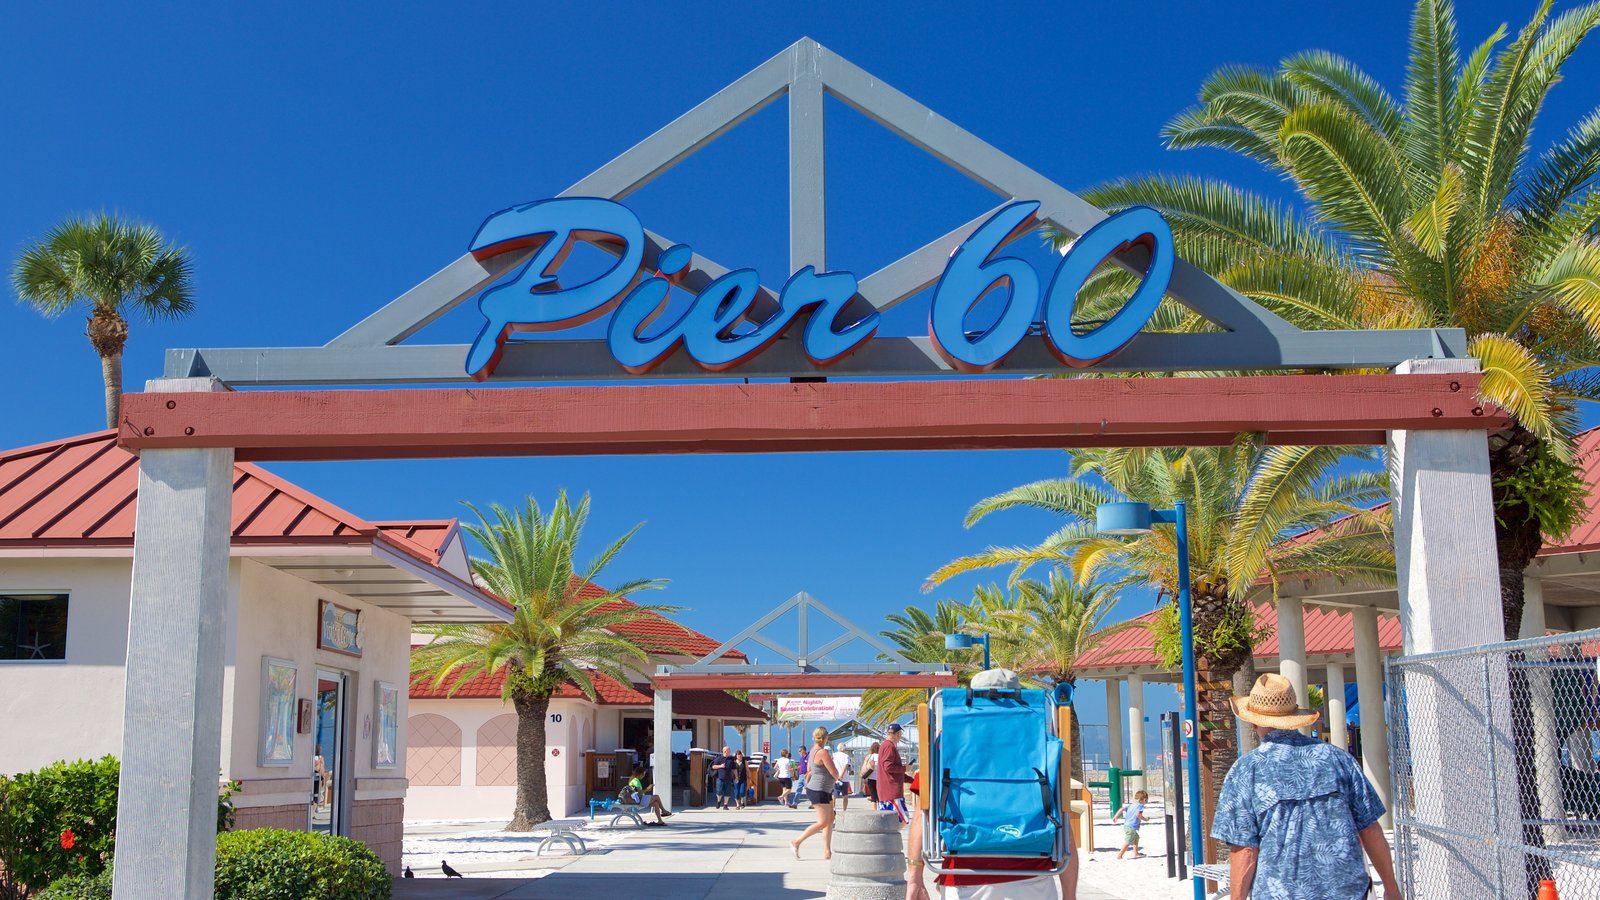 pier 60 park pictures view photos images of pier 60 park